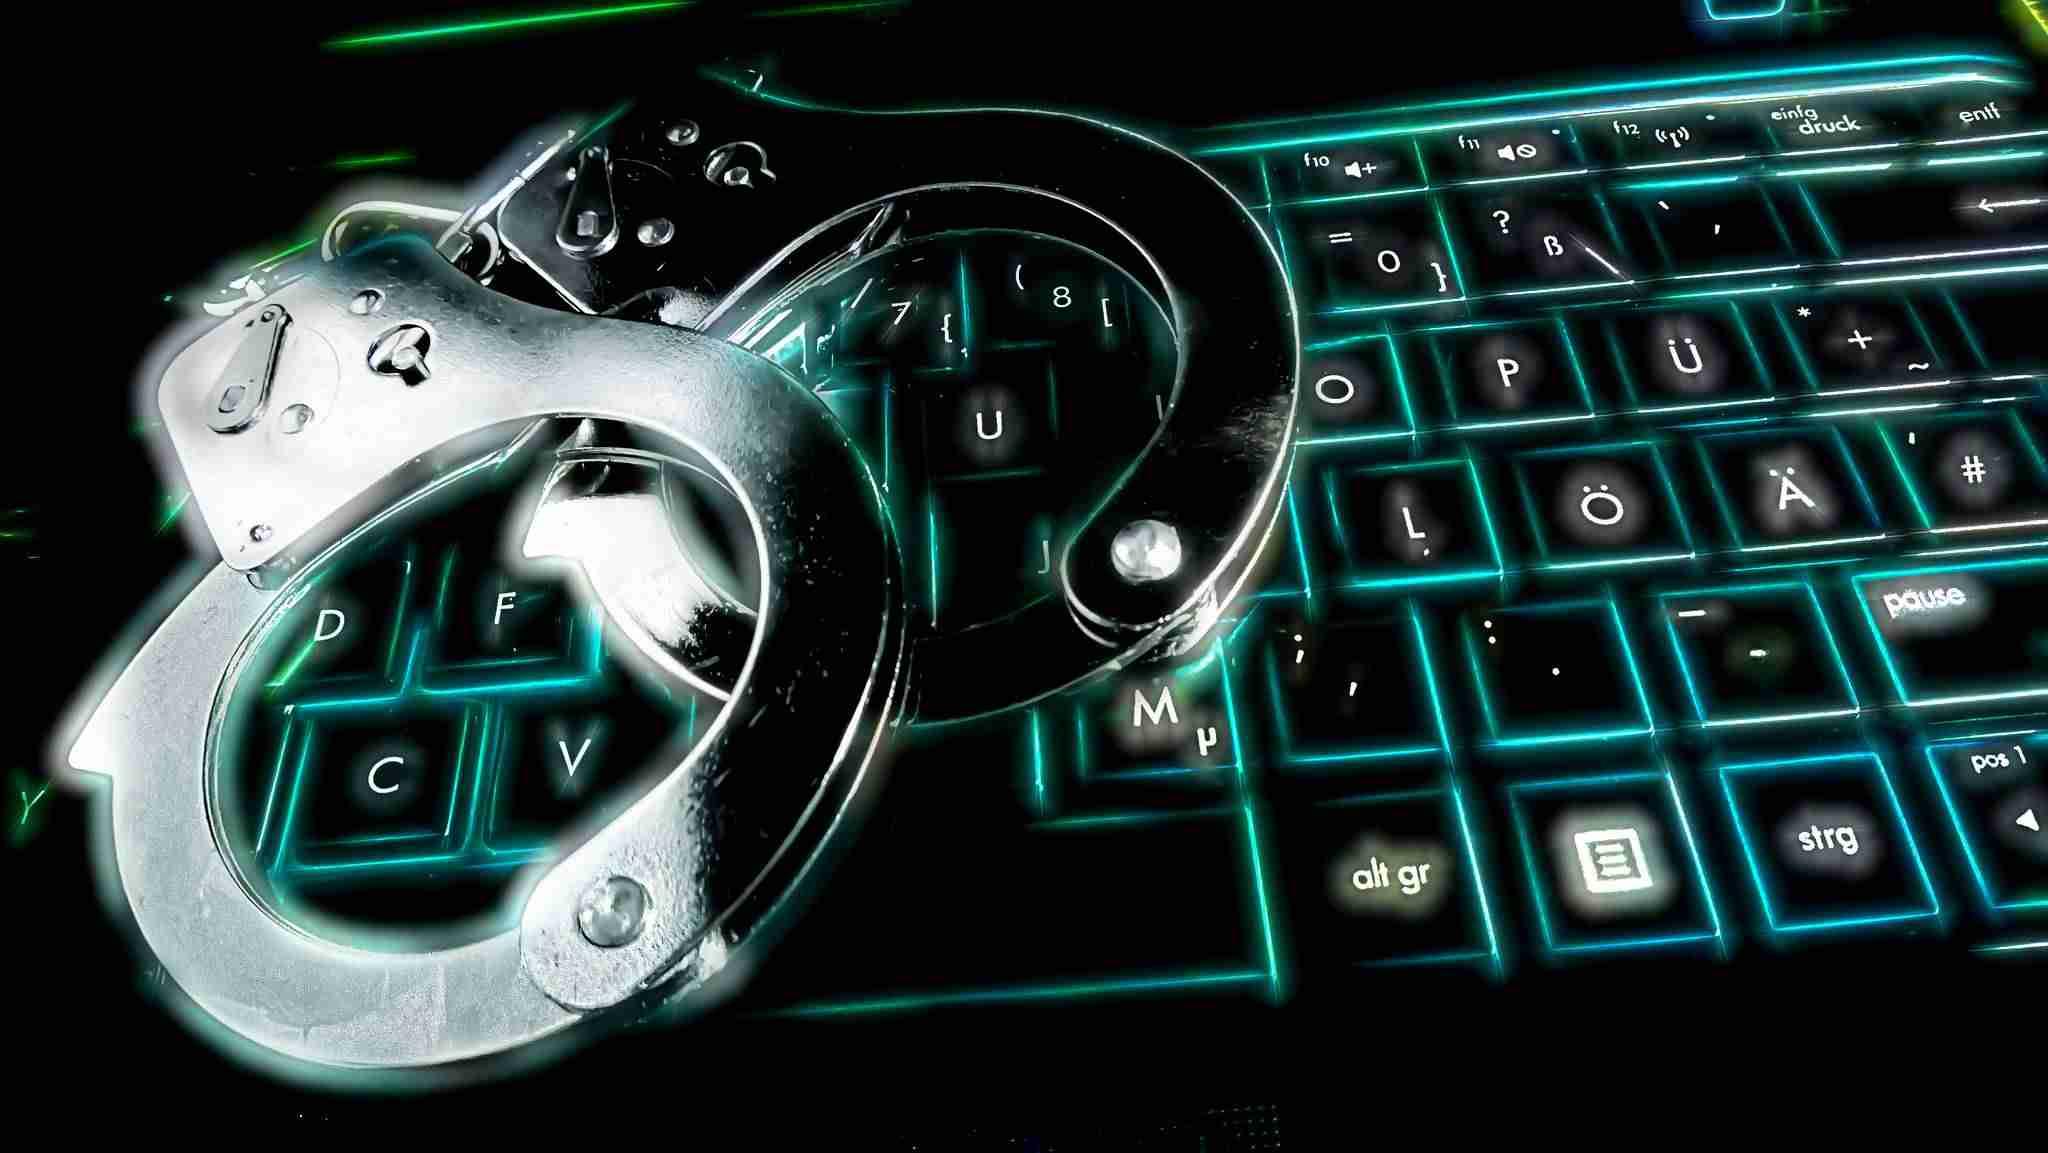 10 consejos para aumentar la seguridad de WordPress - Esposas sobre teclado